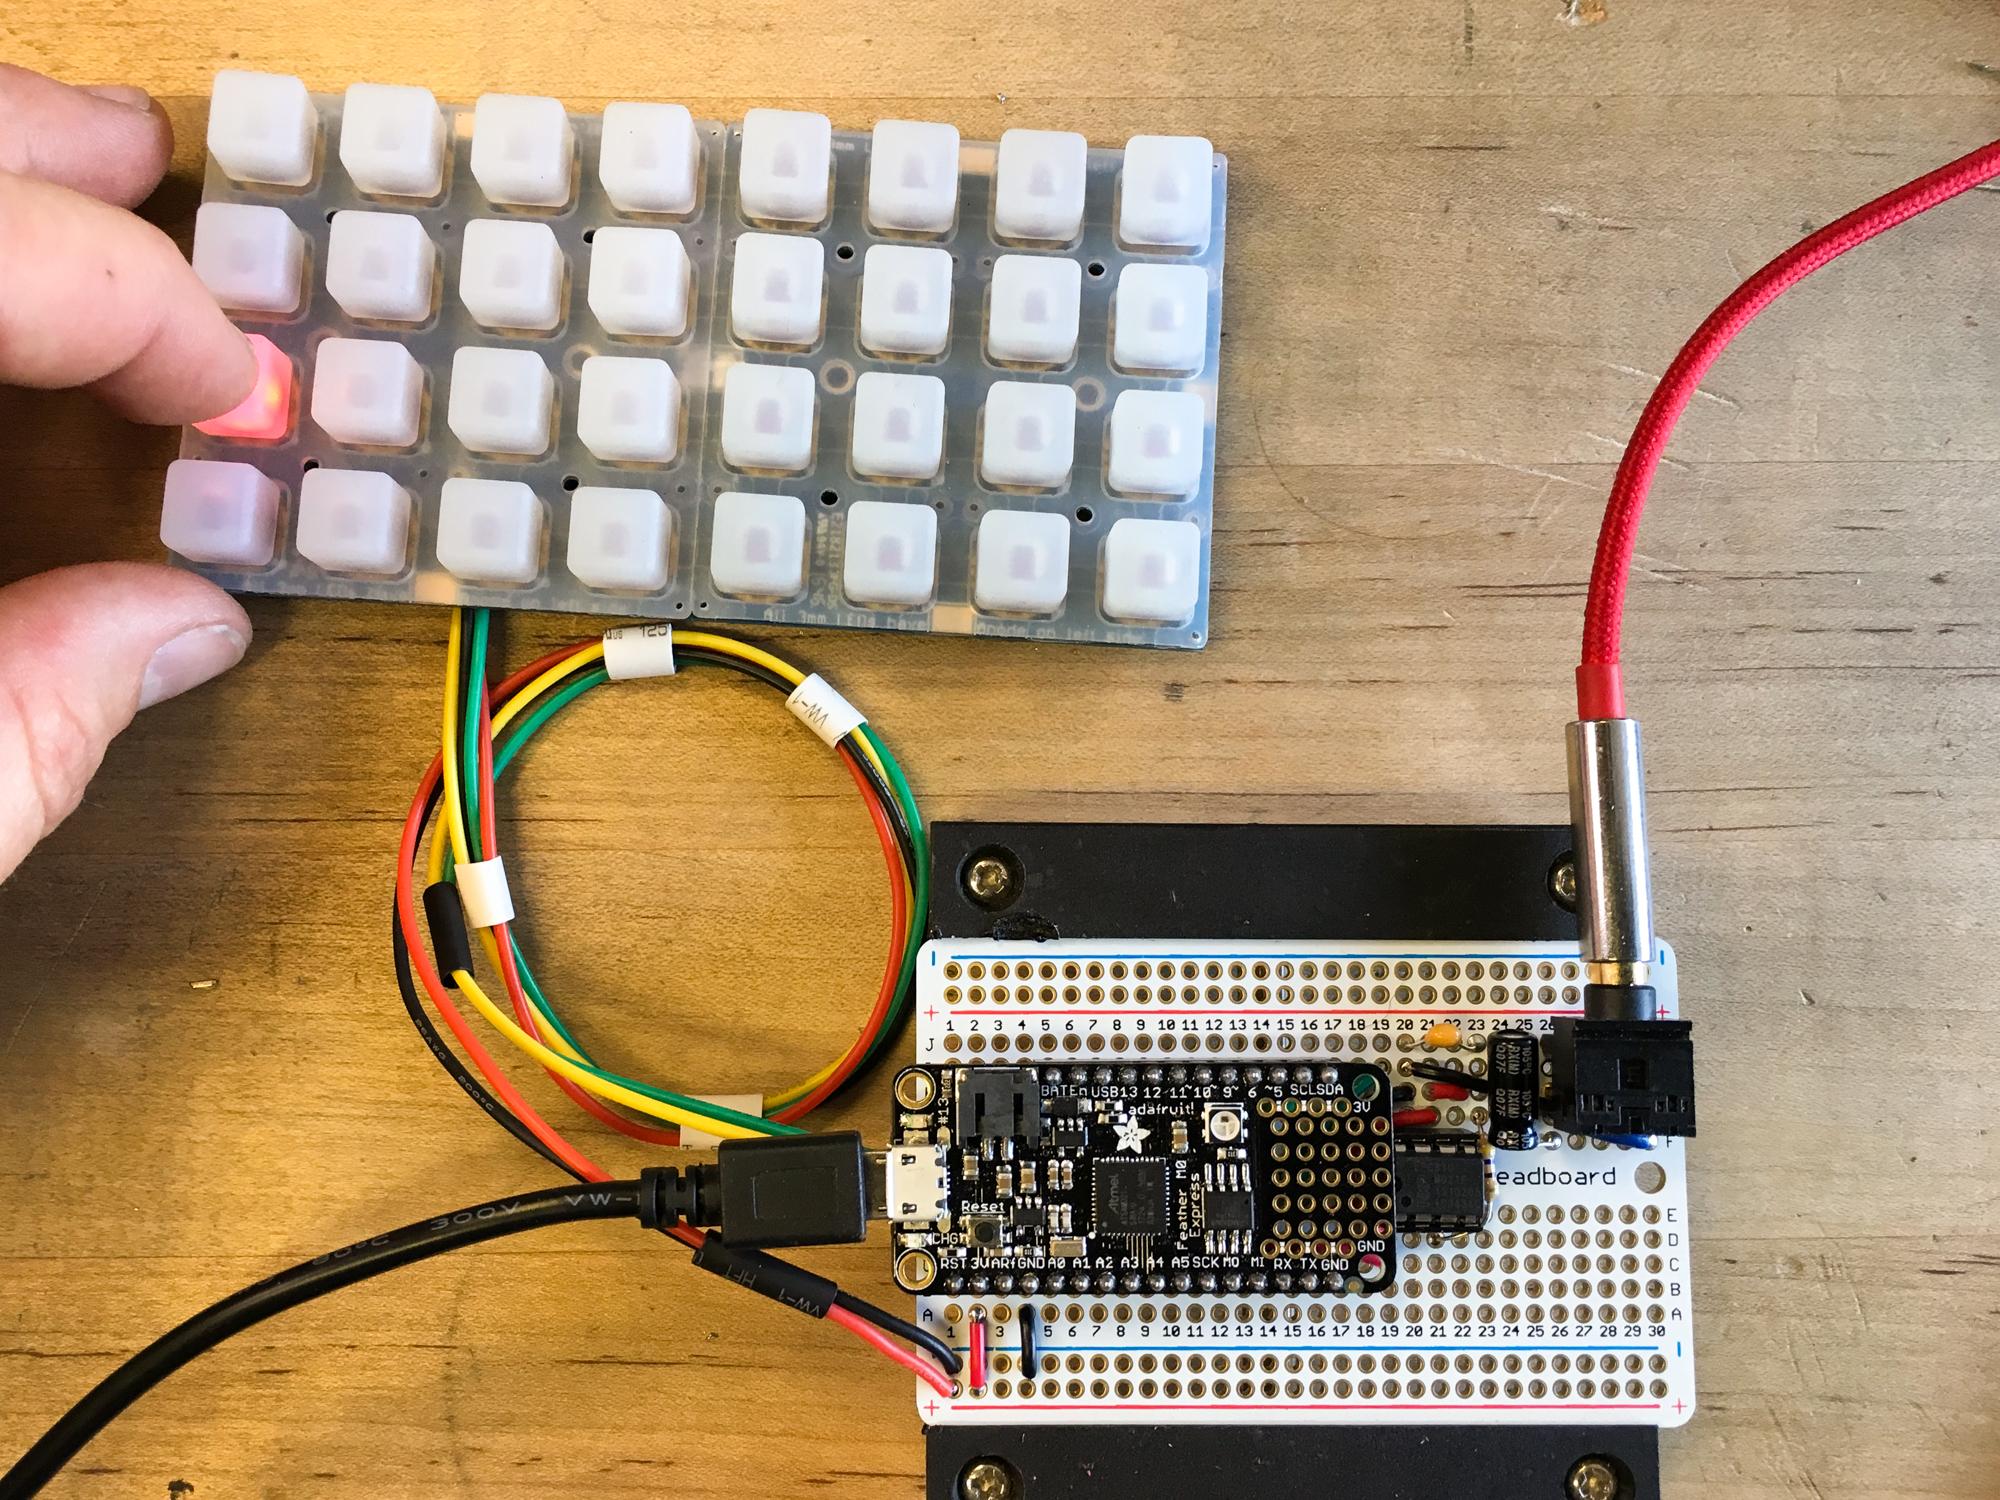 microcontrollers_IMG_1929_2k.jpg